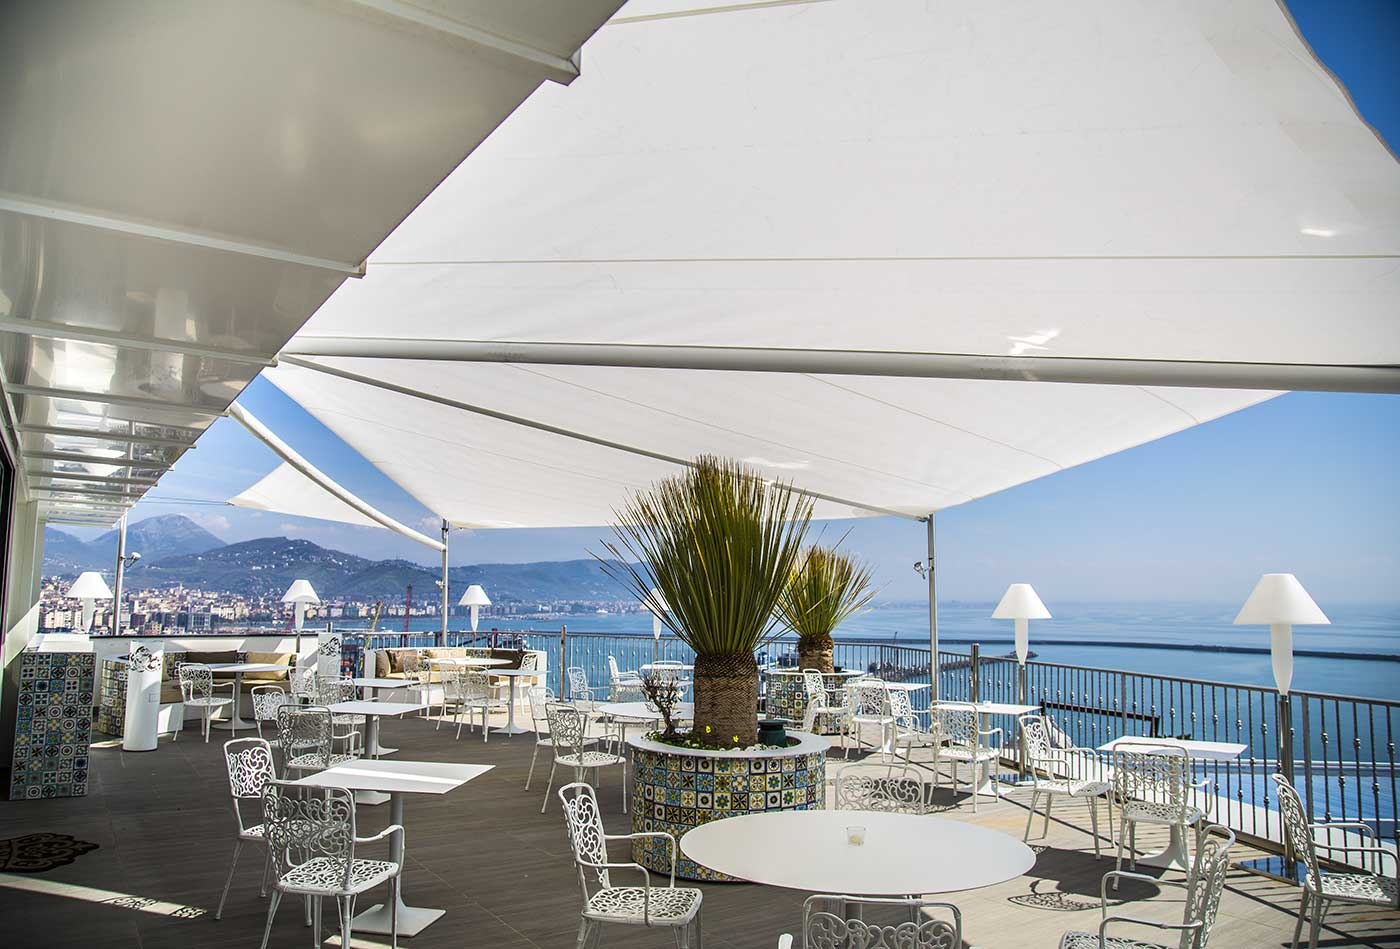 Ristorante lungomare Salerno: il weekend gastronomico ideale